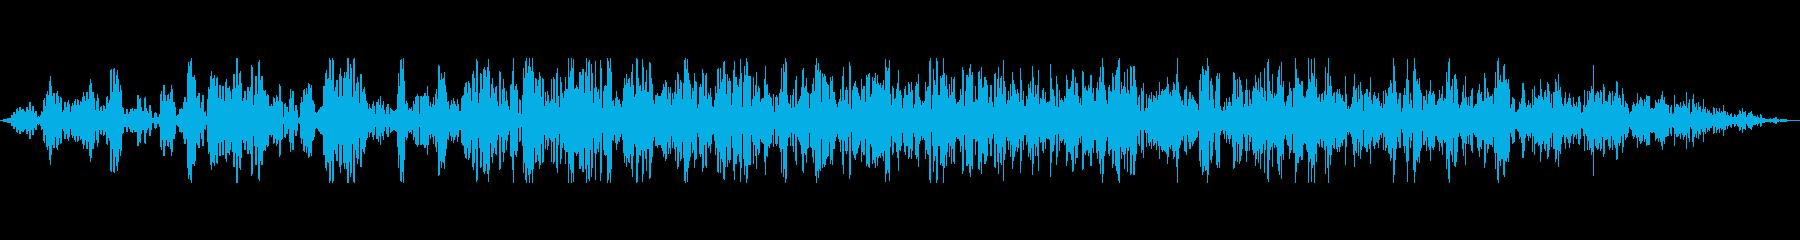 地鳴り、地響きの再生済みの波形